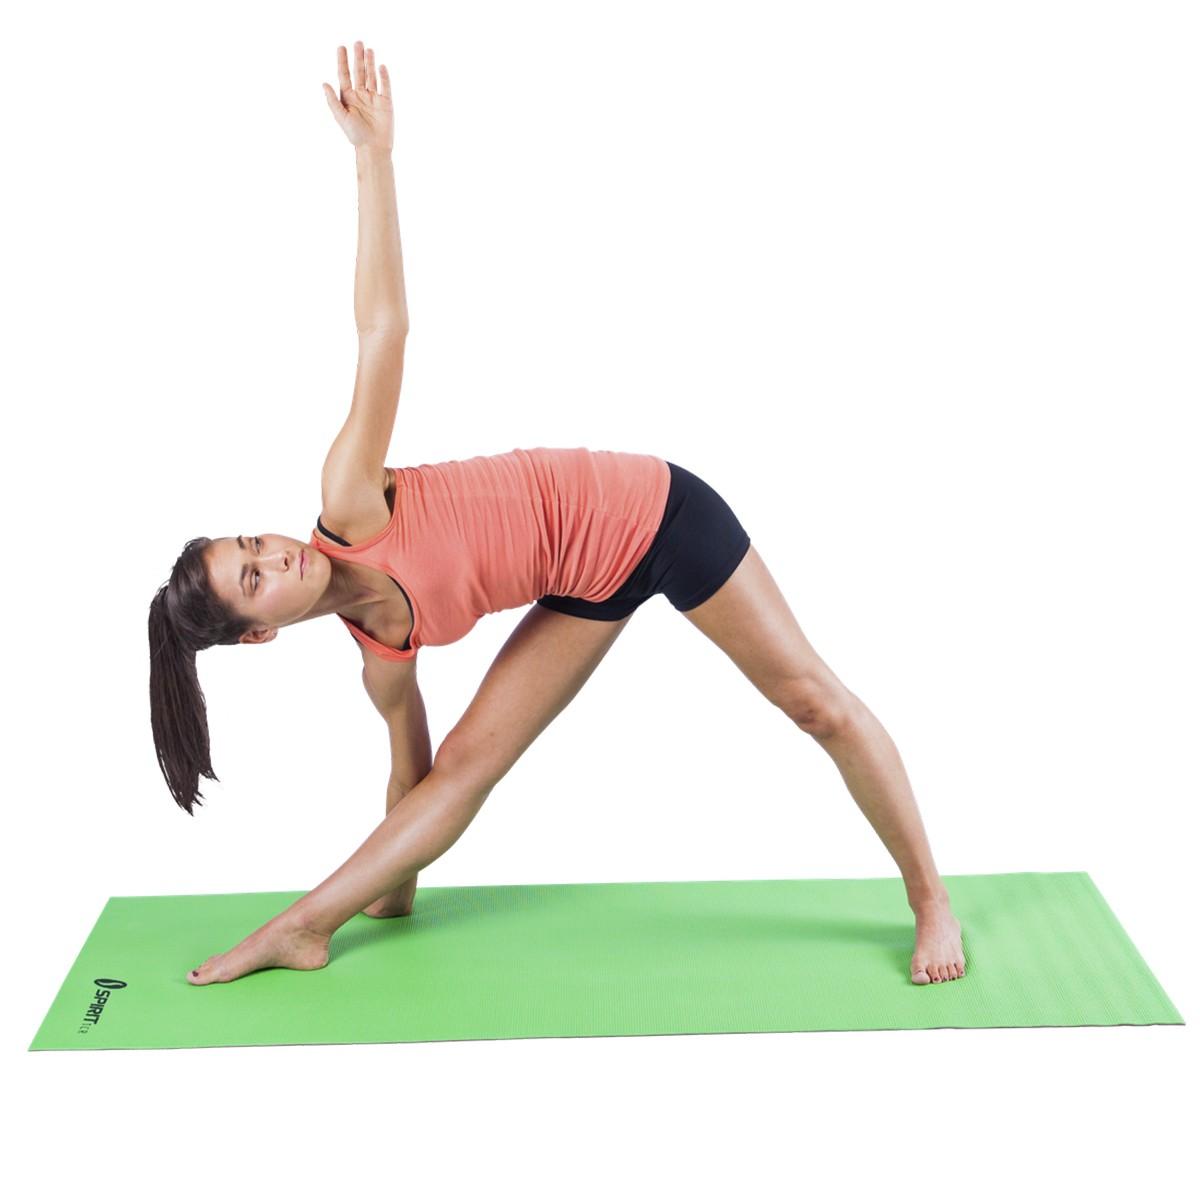 kovrik dlja jogi 5 mm 5 - Коврик для йоги 5 мм